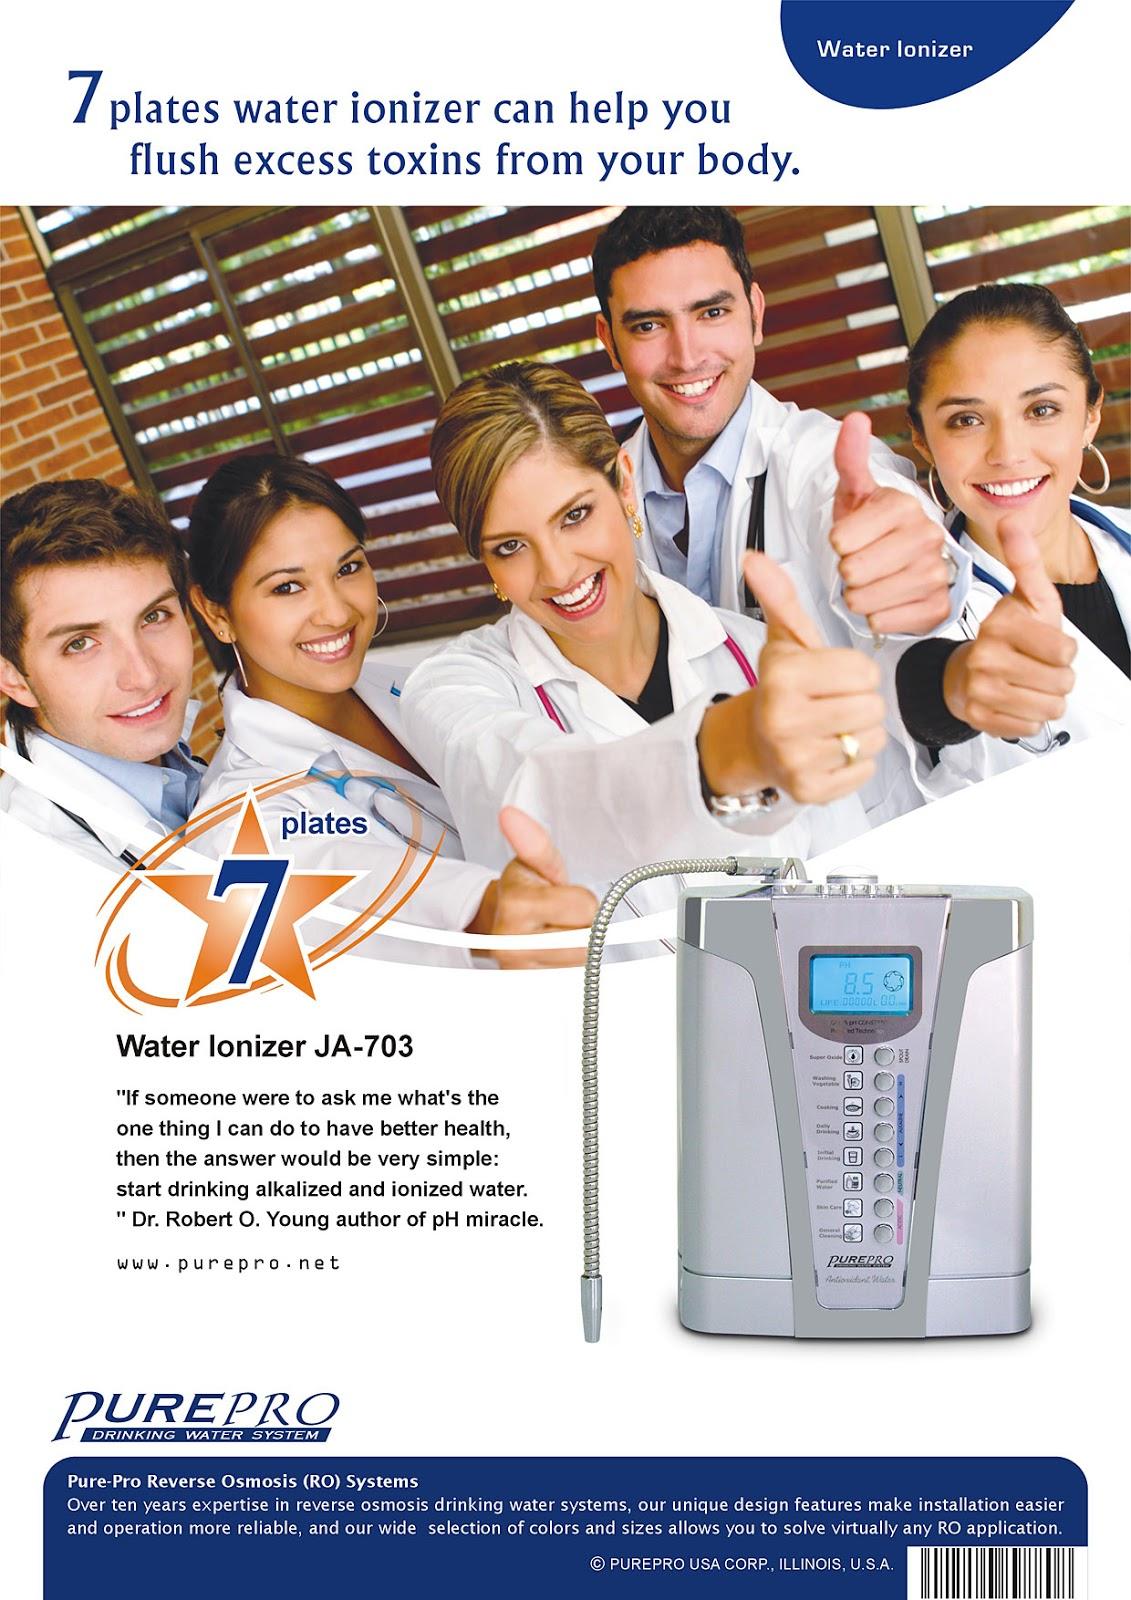 美國 PurePro® 鹼性離子整水器 JA-703 ★ 喝好水 ! 實現健康長壽 ! 最暢銷的鹼性離子整水器